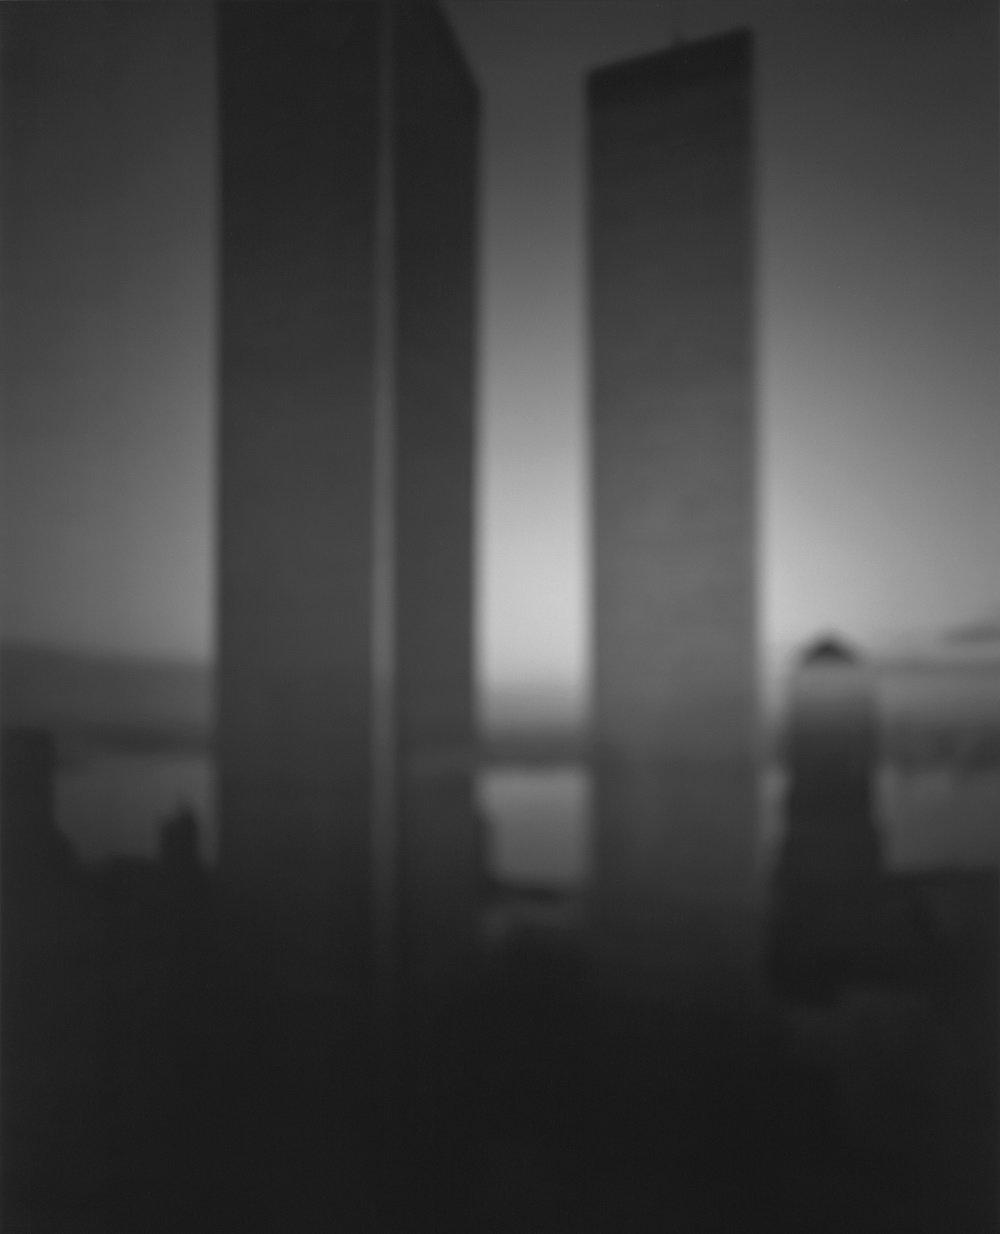 Hiroshi Sugimoto: World Trade Centre (Minoru Yamasaki) (1997)  Stunning Photographs of Modern Architecture by Patrick Sisson